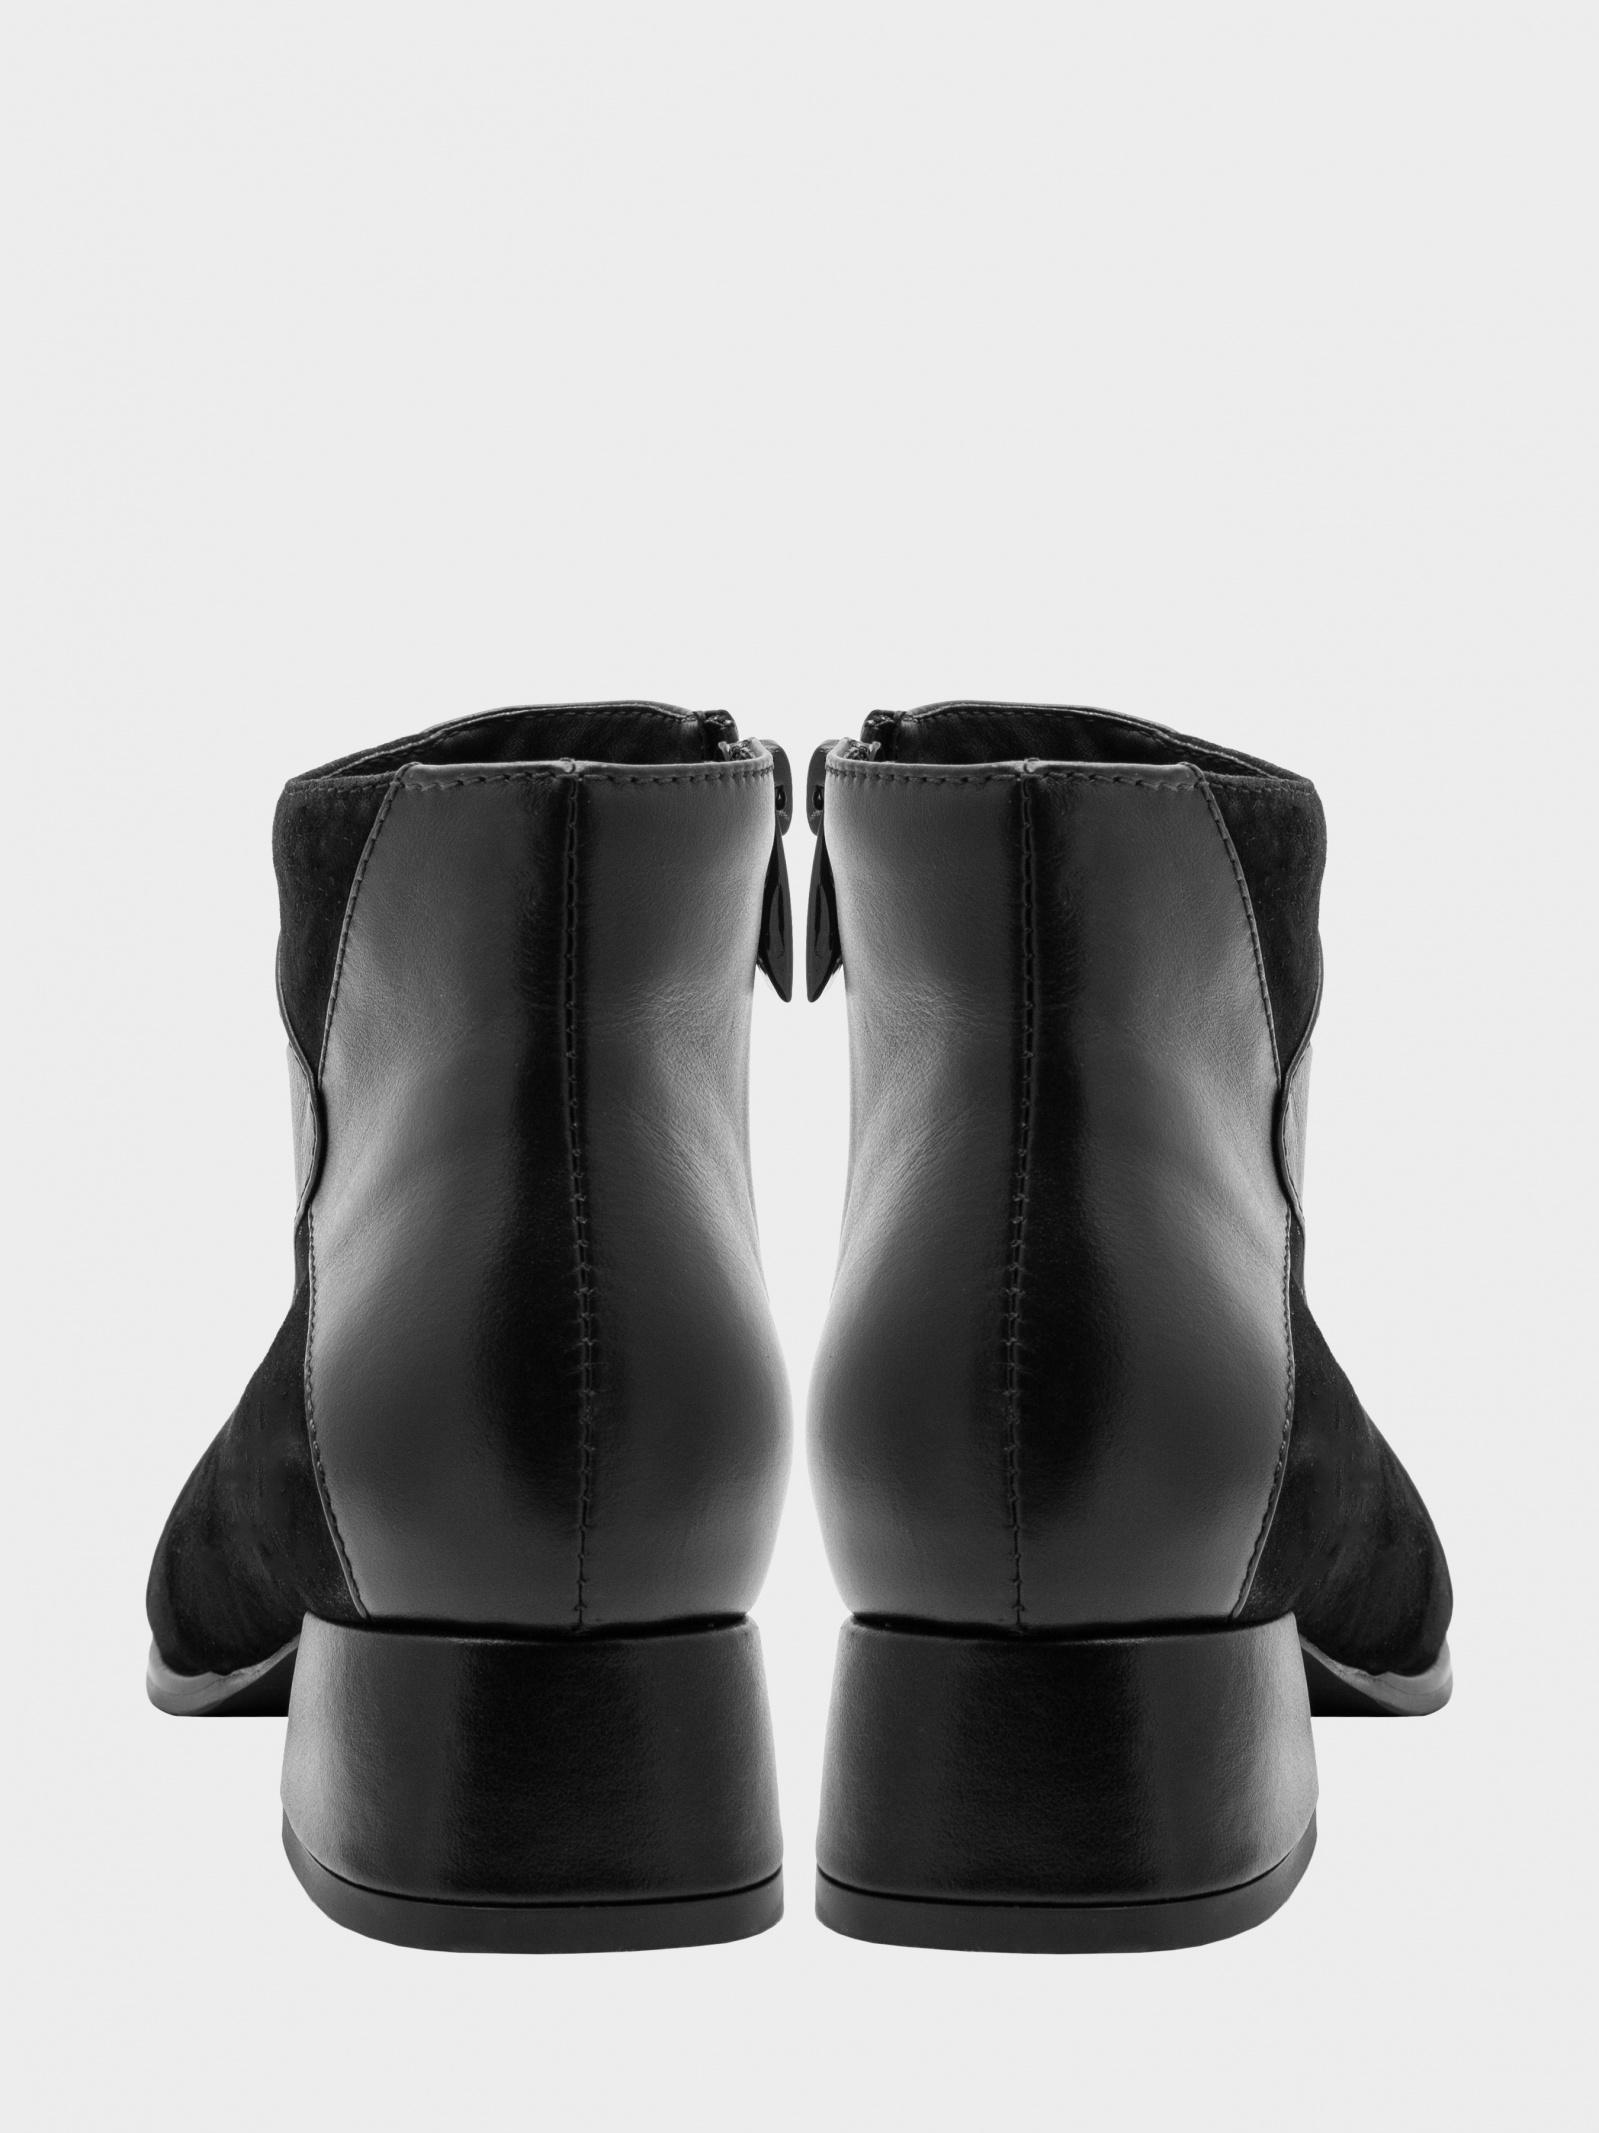 Черевики  для жінок Enzo Verratti 18-10029-4bb продаж, 2017